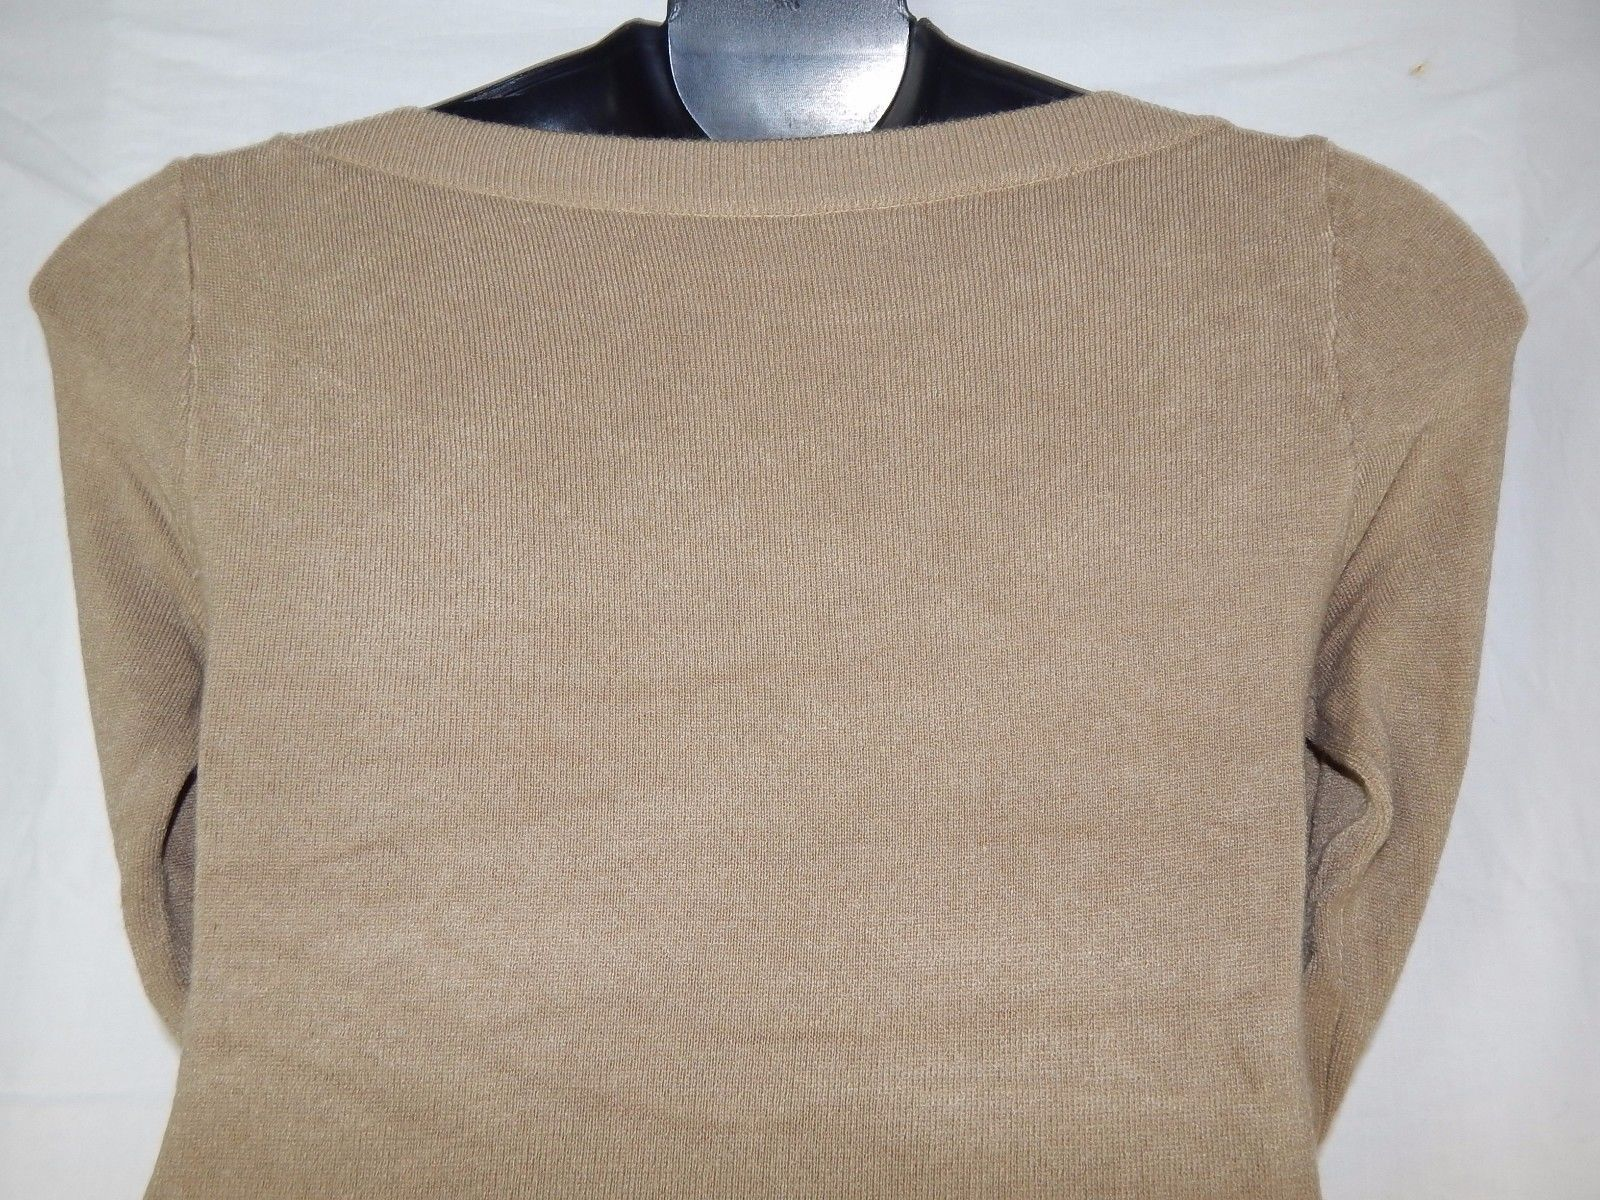 Wear Freedom Sweater Dress Long Sleeve Size: Small (S) Brown / Tan / Beige